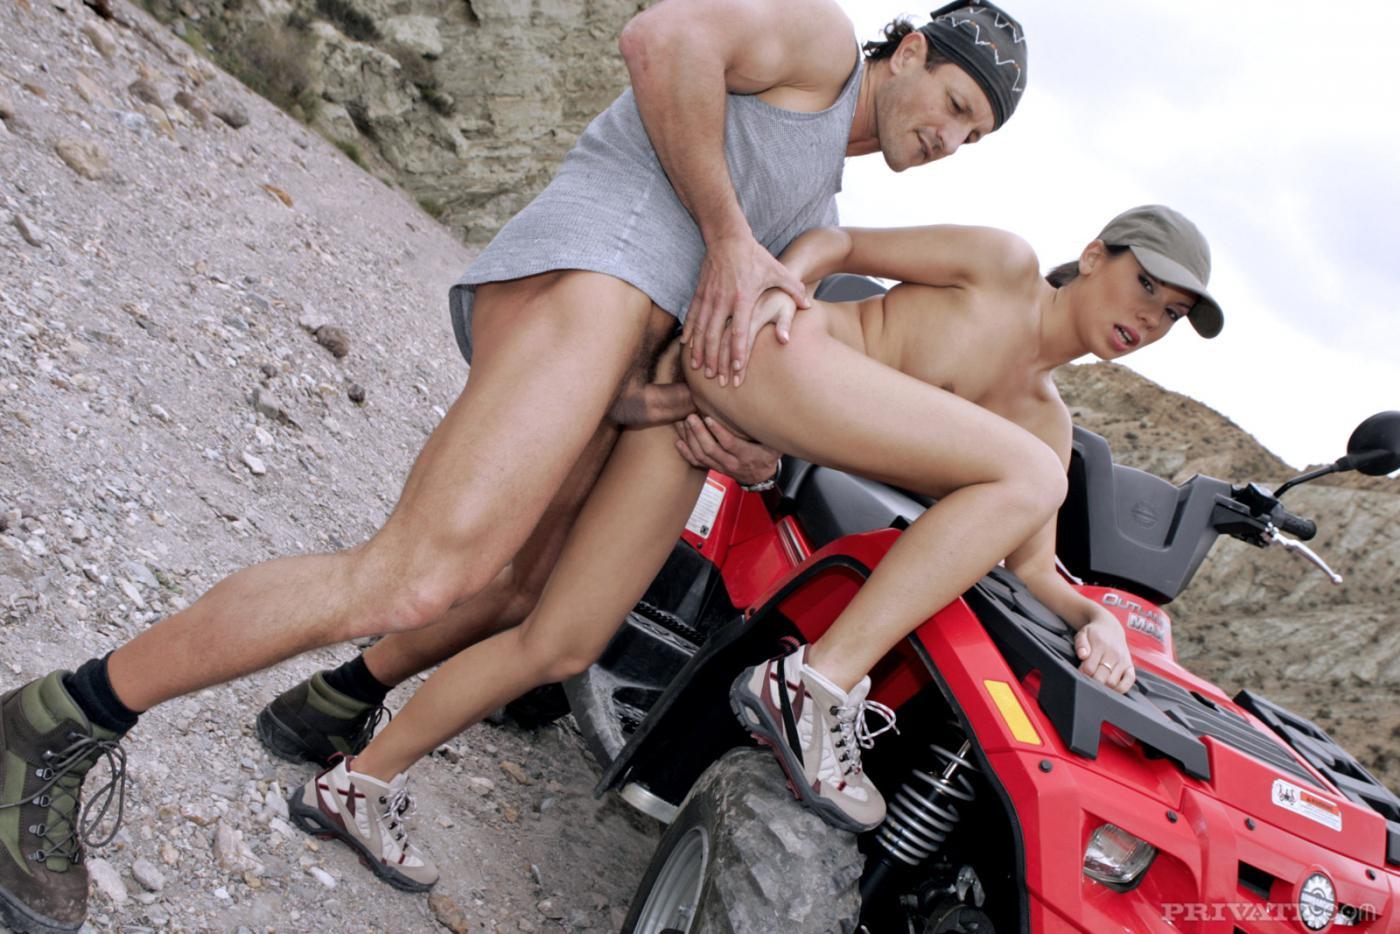 Ухоженная модель с темными волосами Vanessa Paradise занимается сексом в свою щелку на квадроцикле